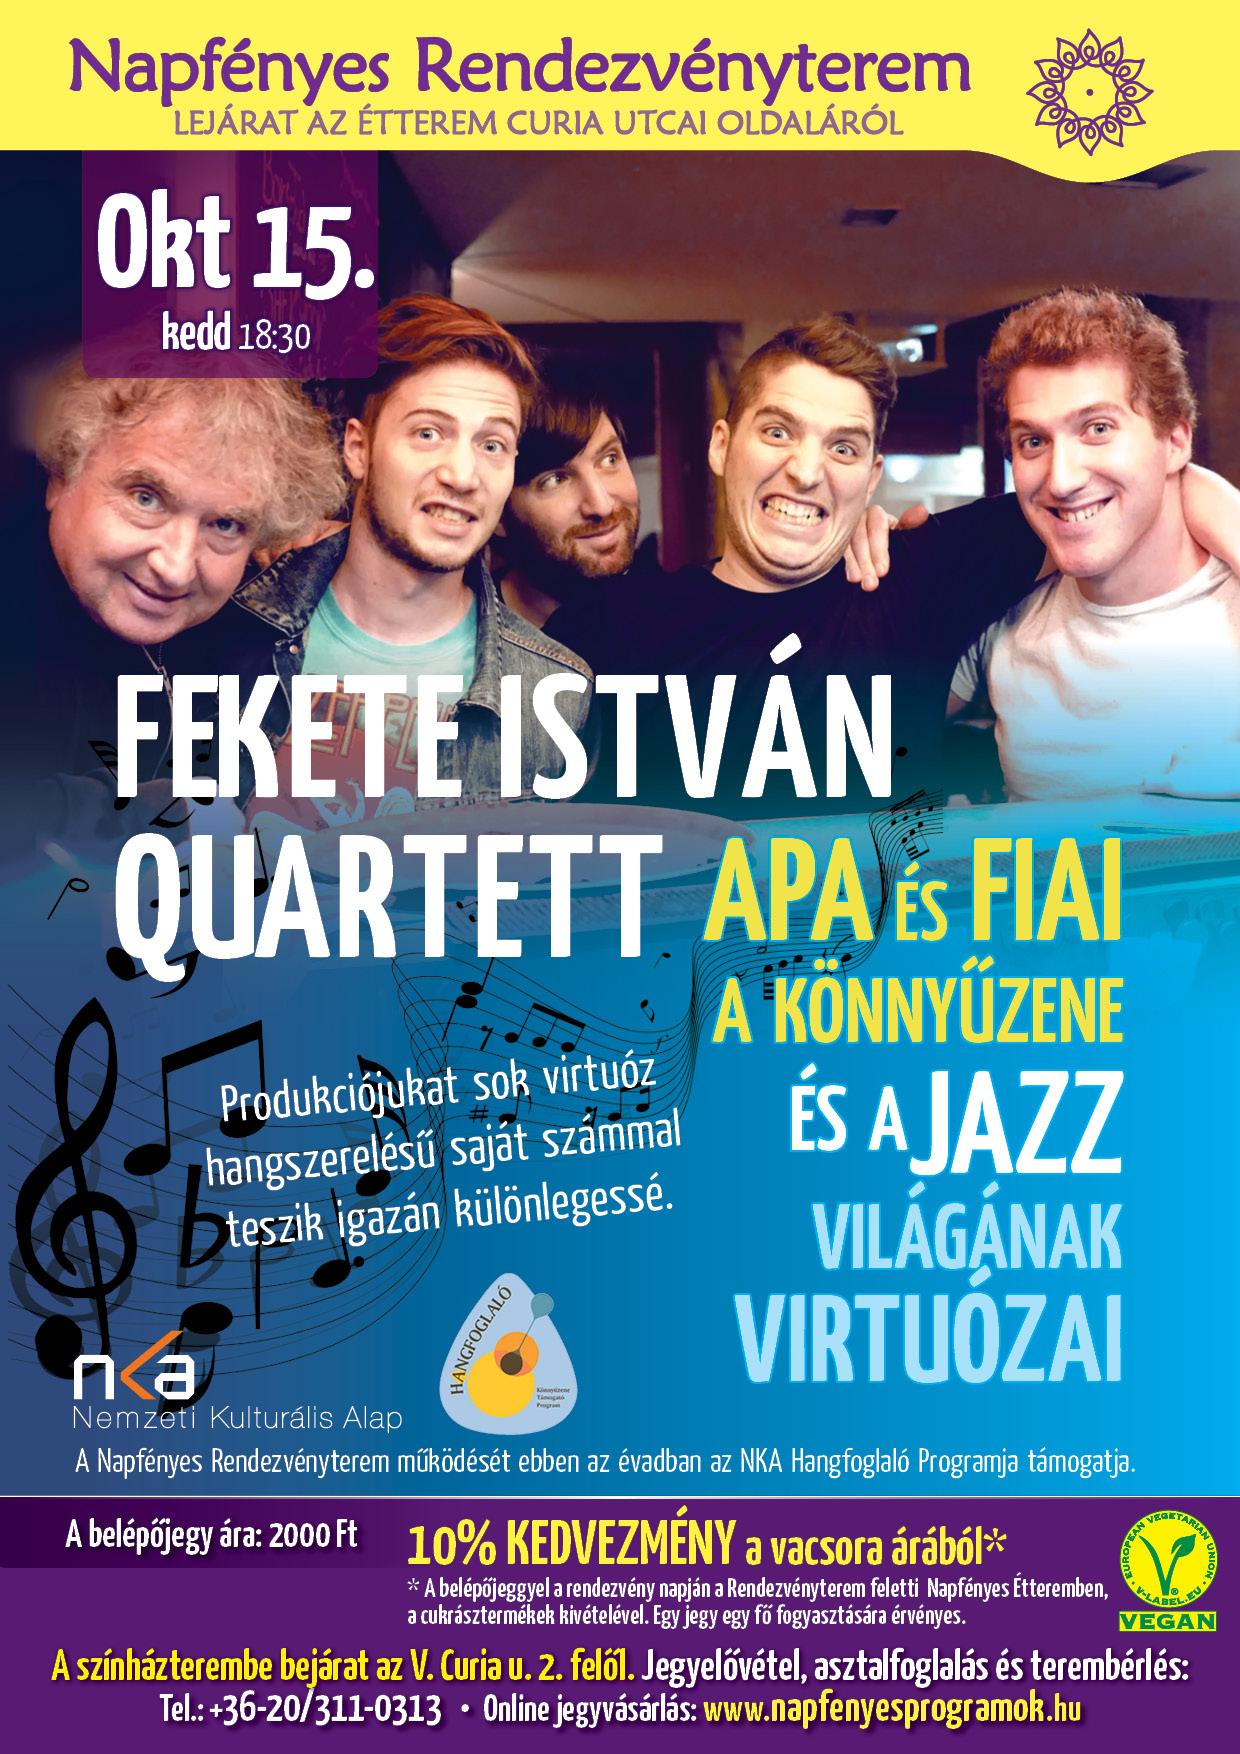 Fekete I Quartett A4